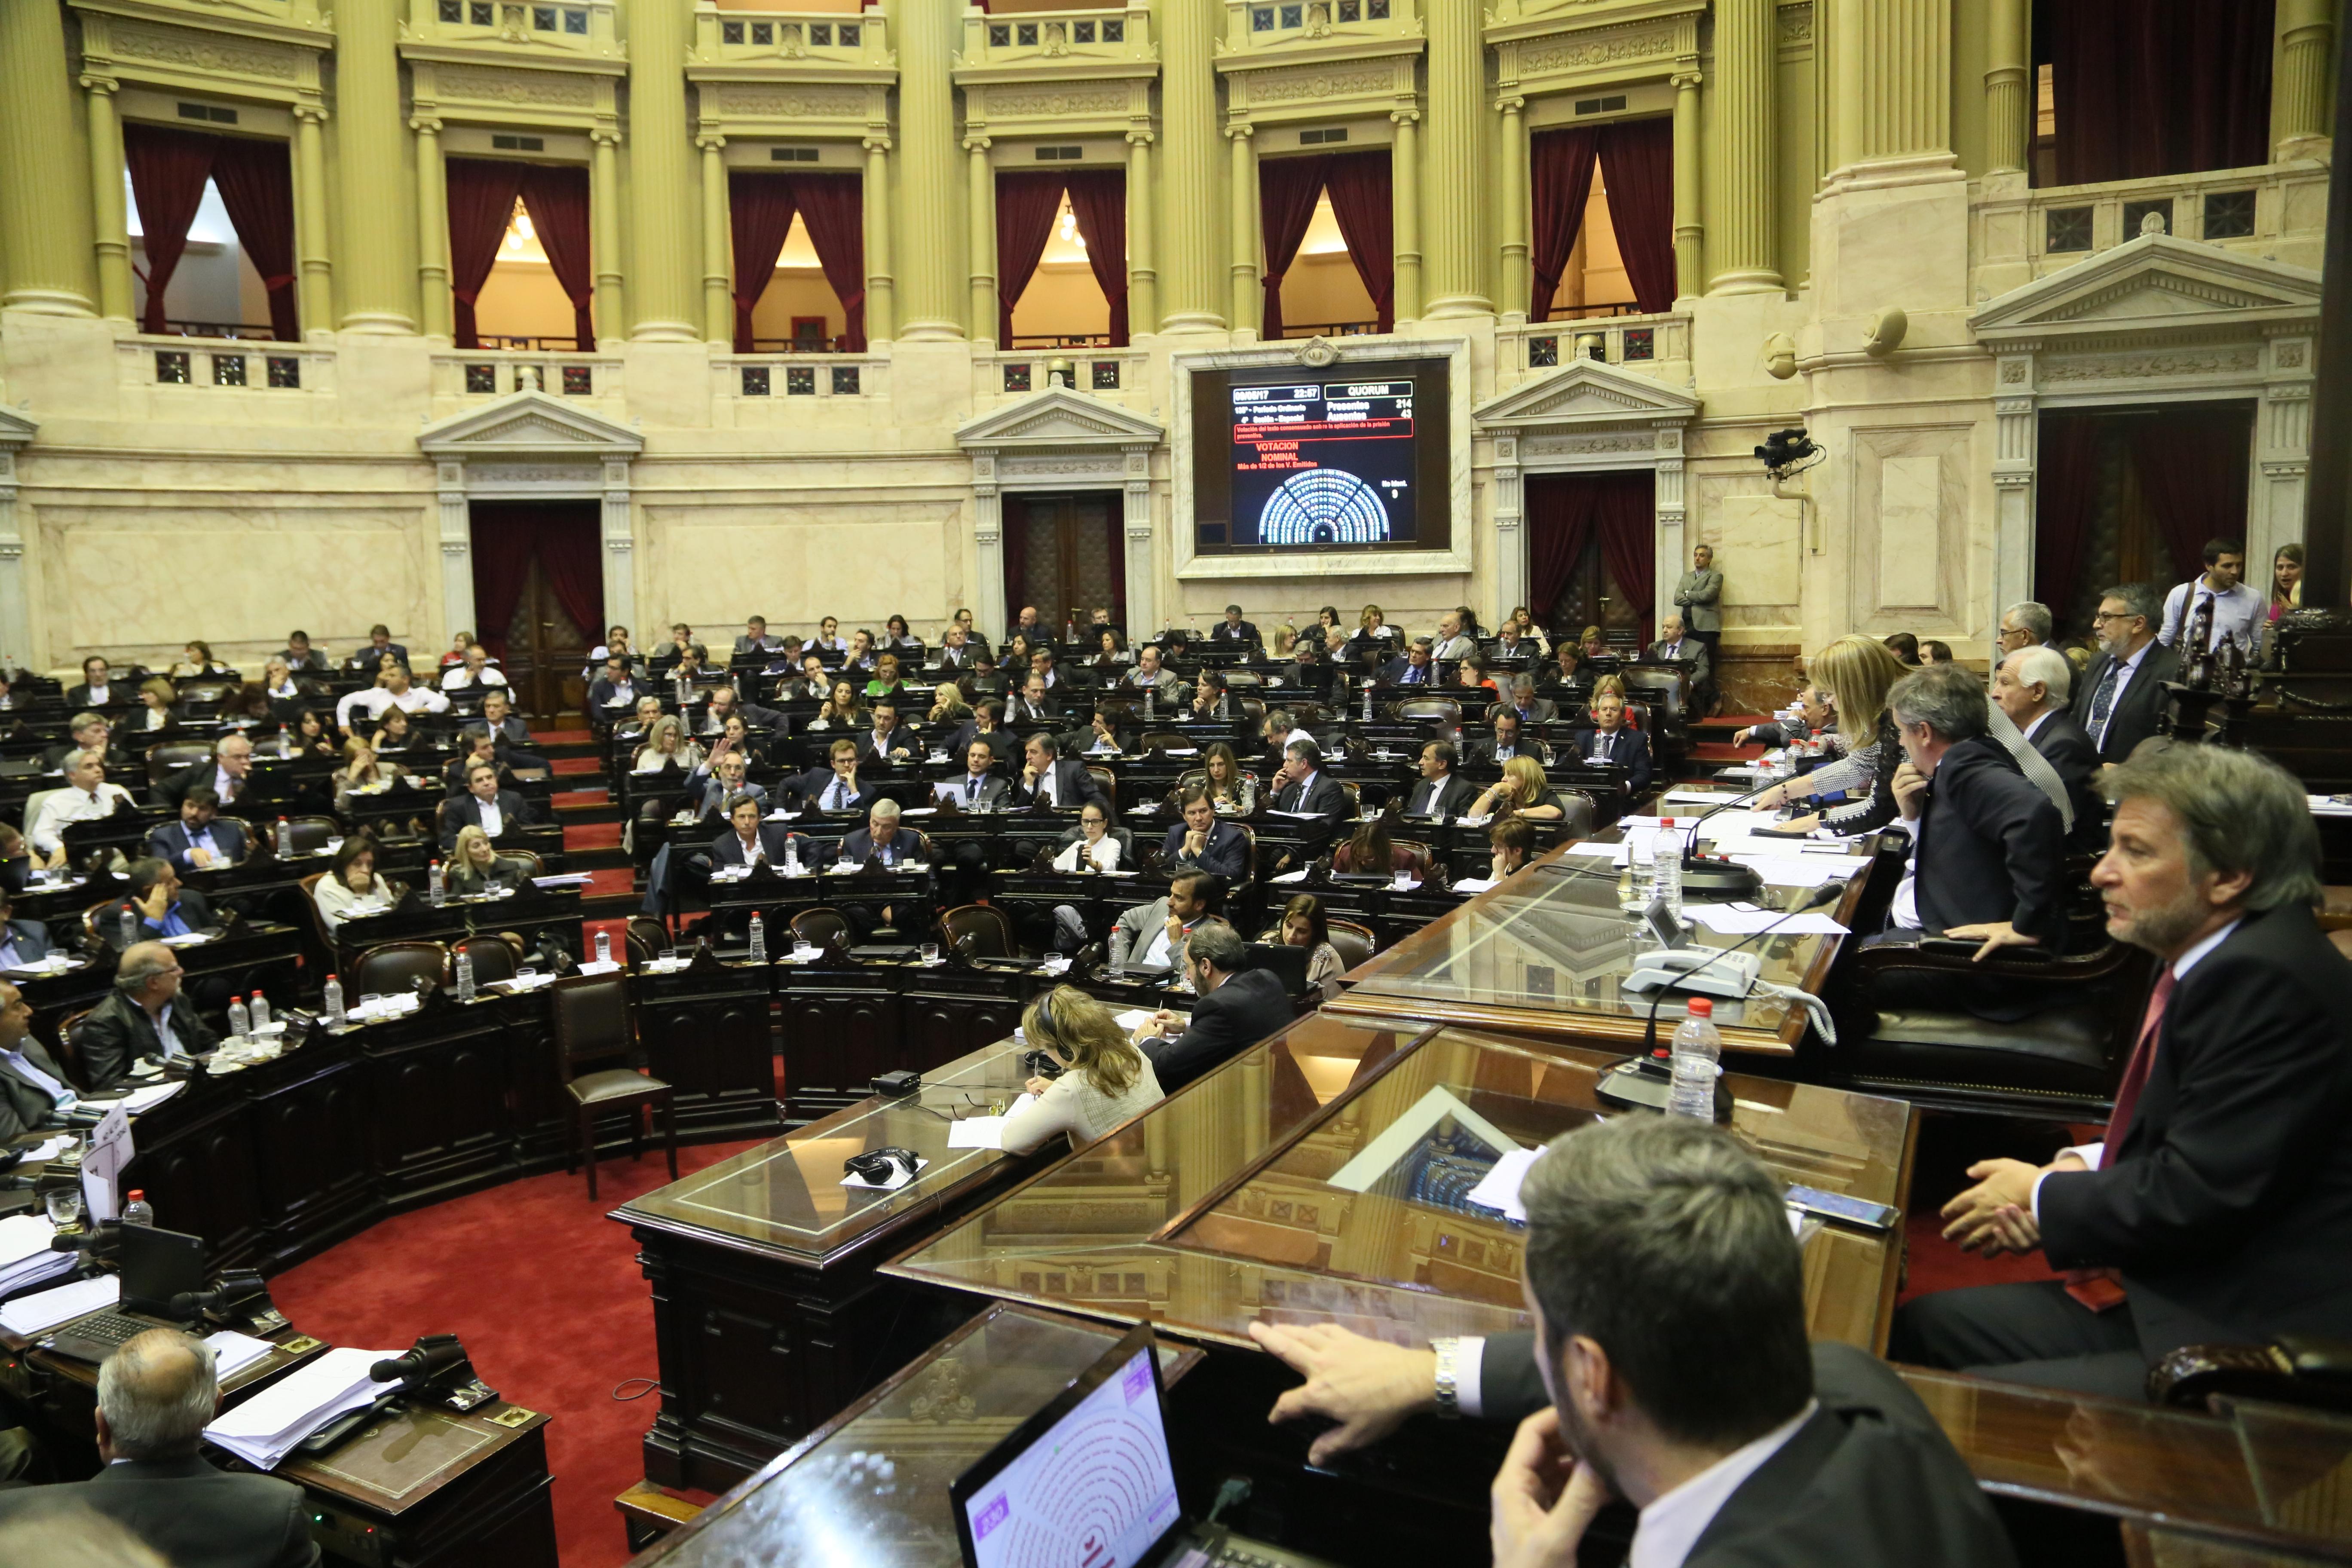 La Cámara de Diputados dio media sanción a una Ley que frena el indulto encubierto de la Corte macrista.